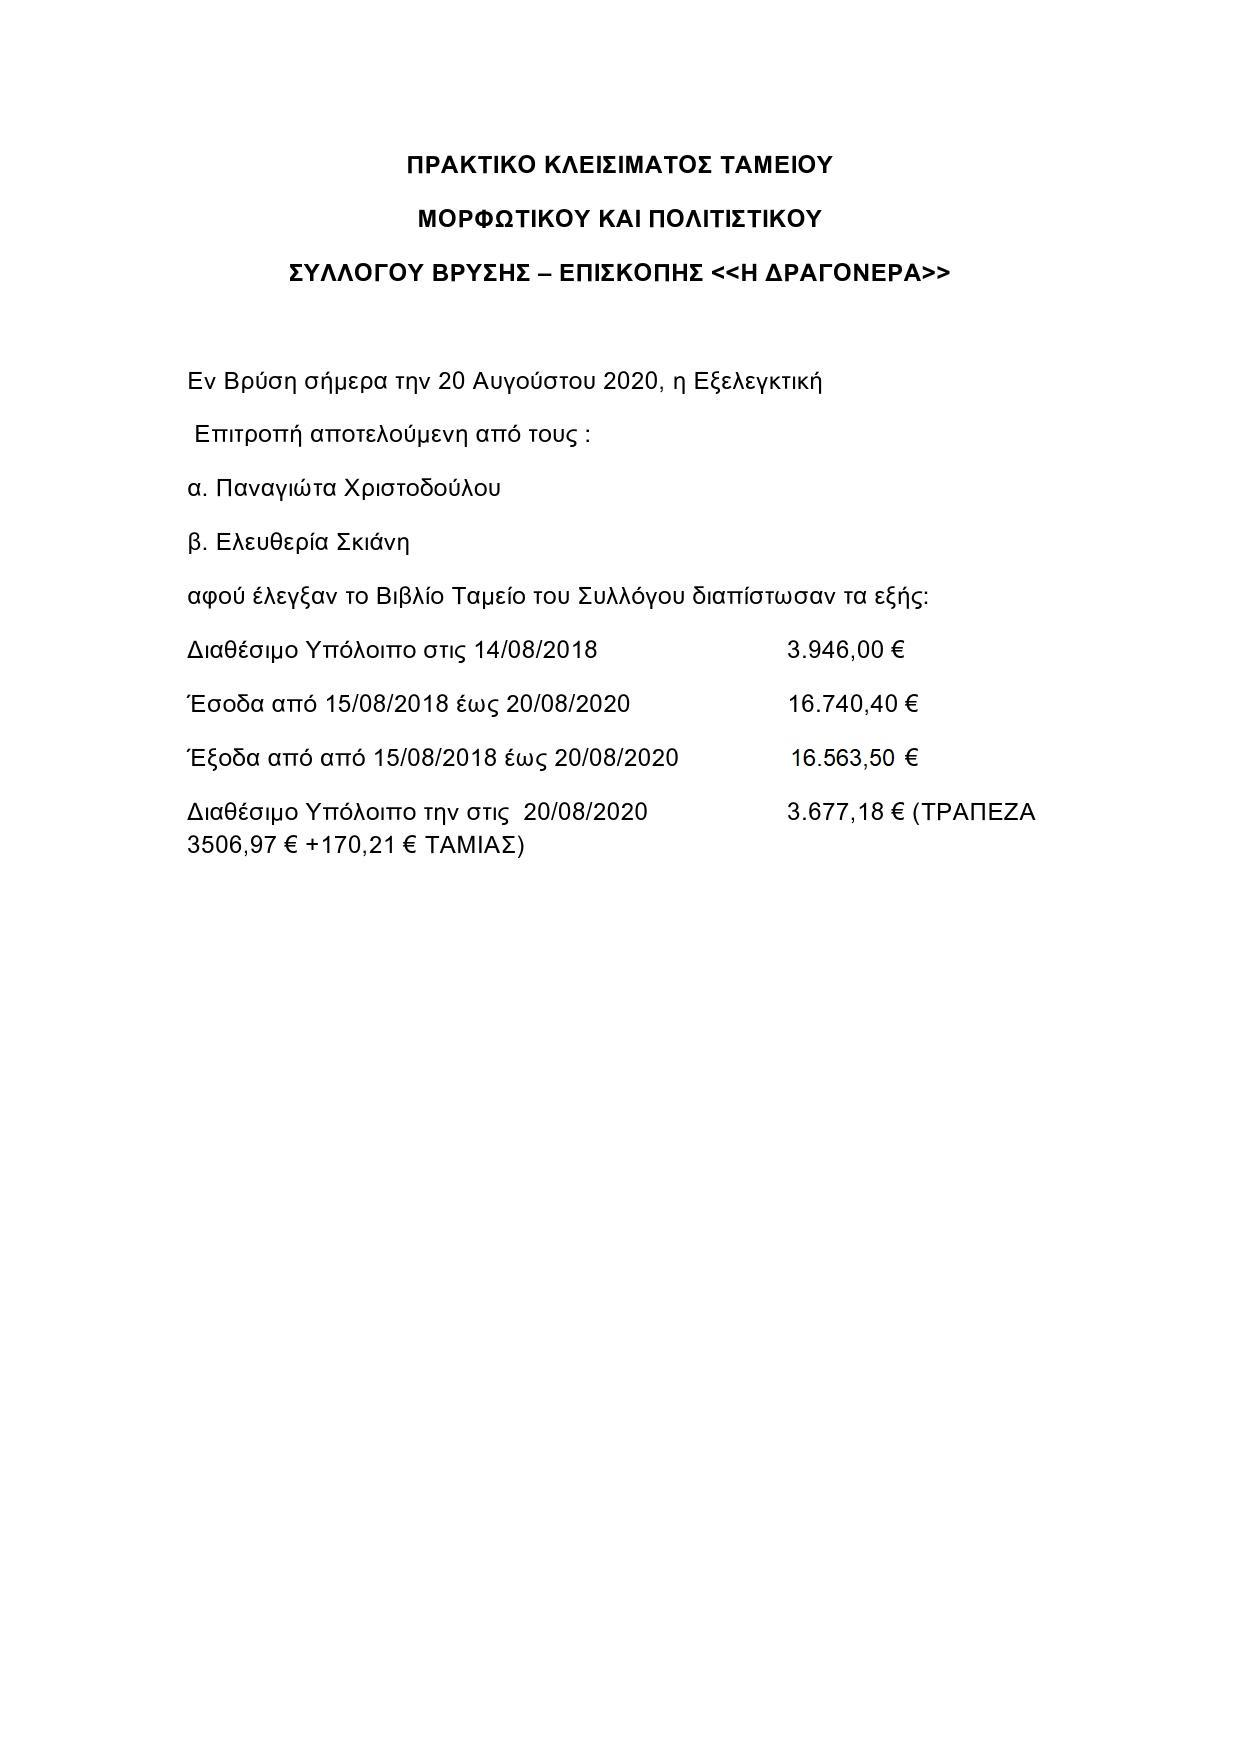 ΠΡΑΚΤΙΚΟ-ΚΛΕΙΣΙΜΑΤΟΣ-ΤΑΜΕΙΟΥ-ΣΥΛΛΟΓΟΥ-2020-ΧΩΡΙΣ-ΥΠΟΓΡΑΦΕΣ-page00011